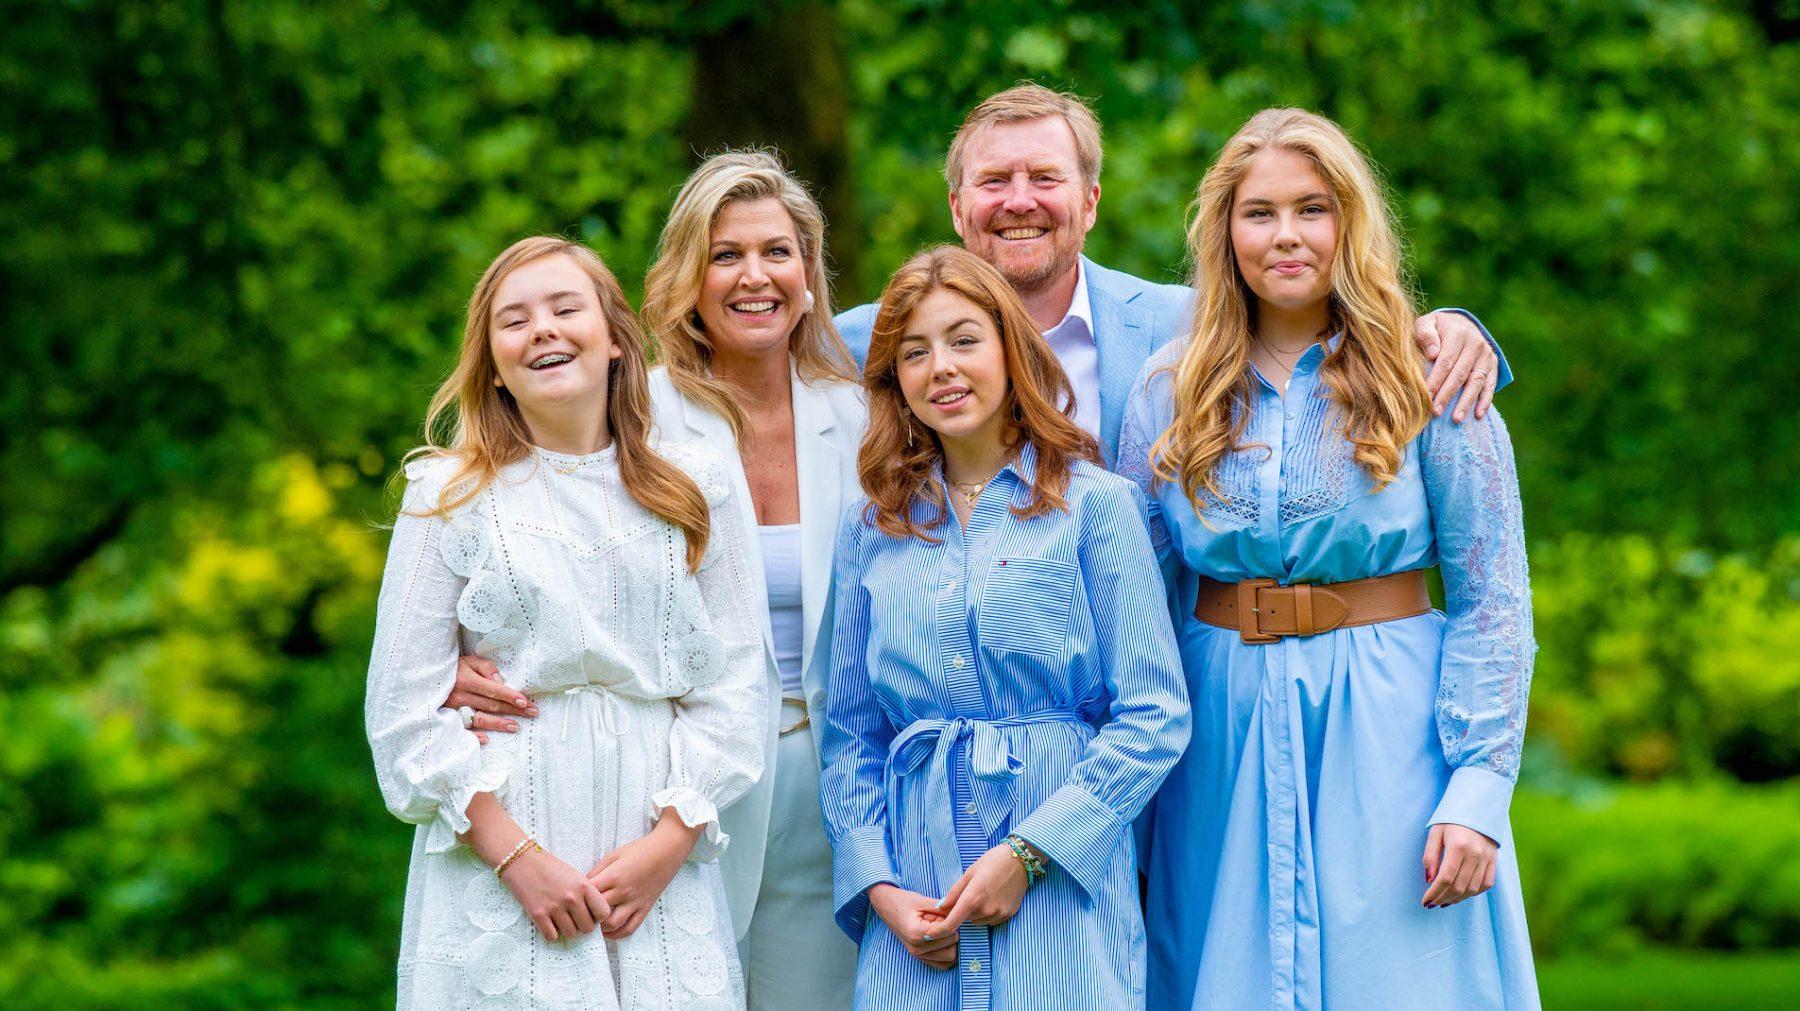 Willem-Alexander open over thuisonderwijs dochters: 'Motivatie is weg' - LINDA.